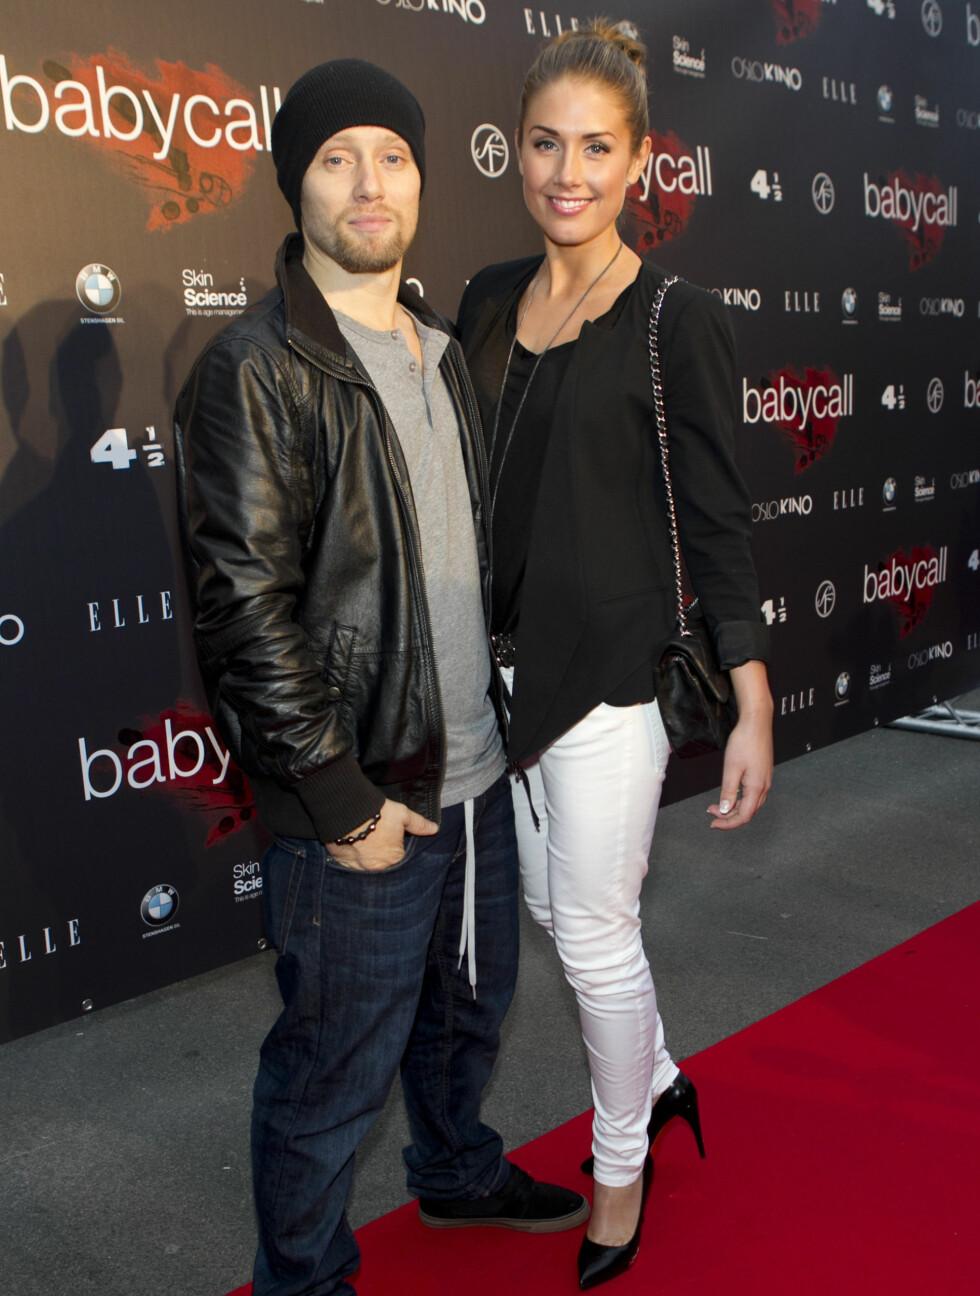 <strong>KINOKVELD:</strong> Tone og Aksel dro på kinodate for å se den nye filmen «Babycall». Foto: Stella Pictures